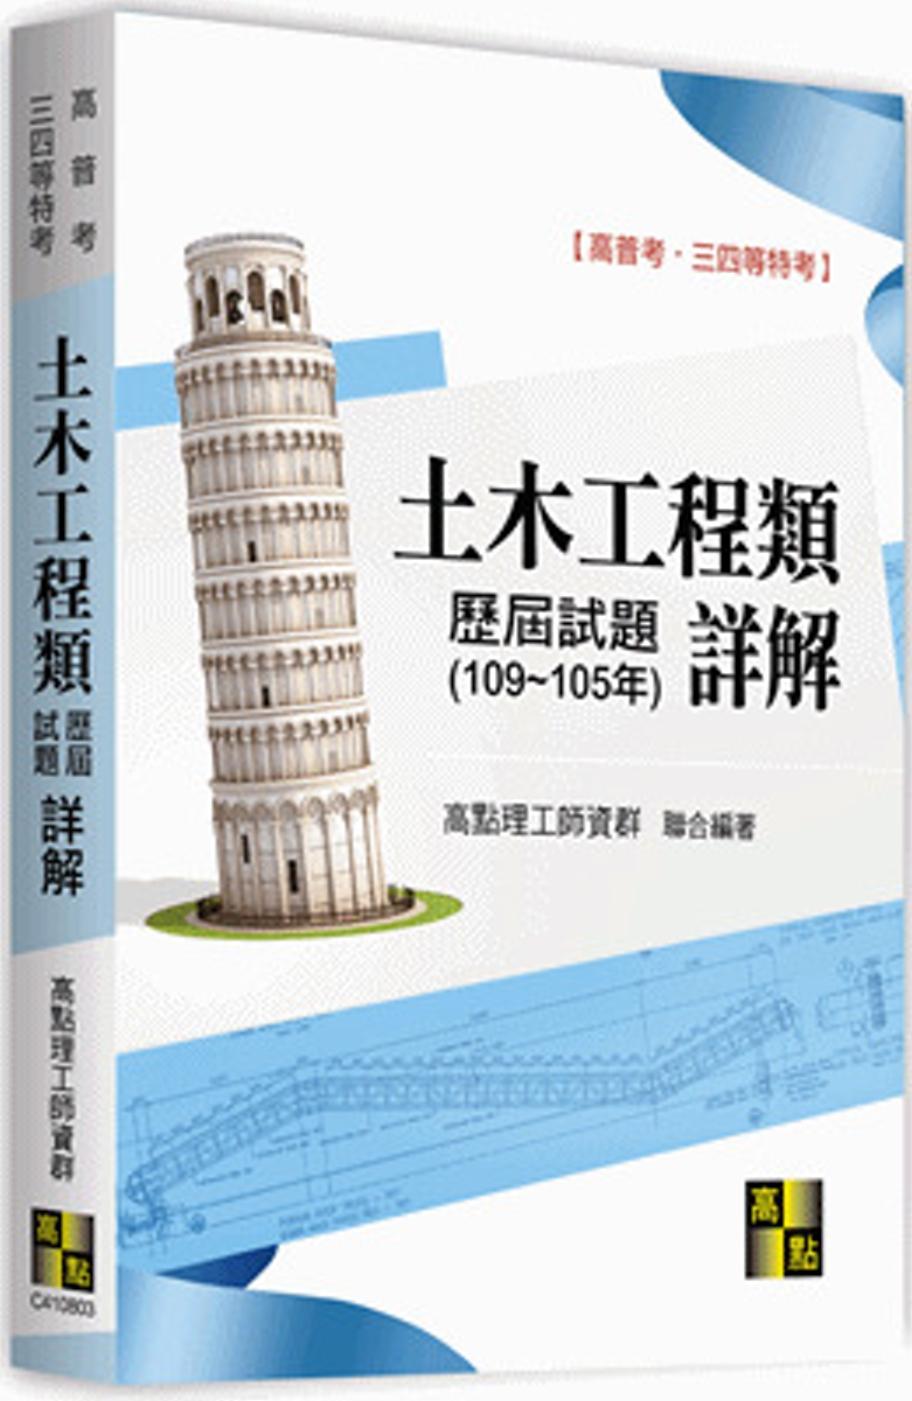 土木工程類103~101年歷屆試題詳解